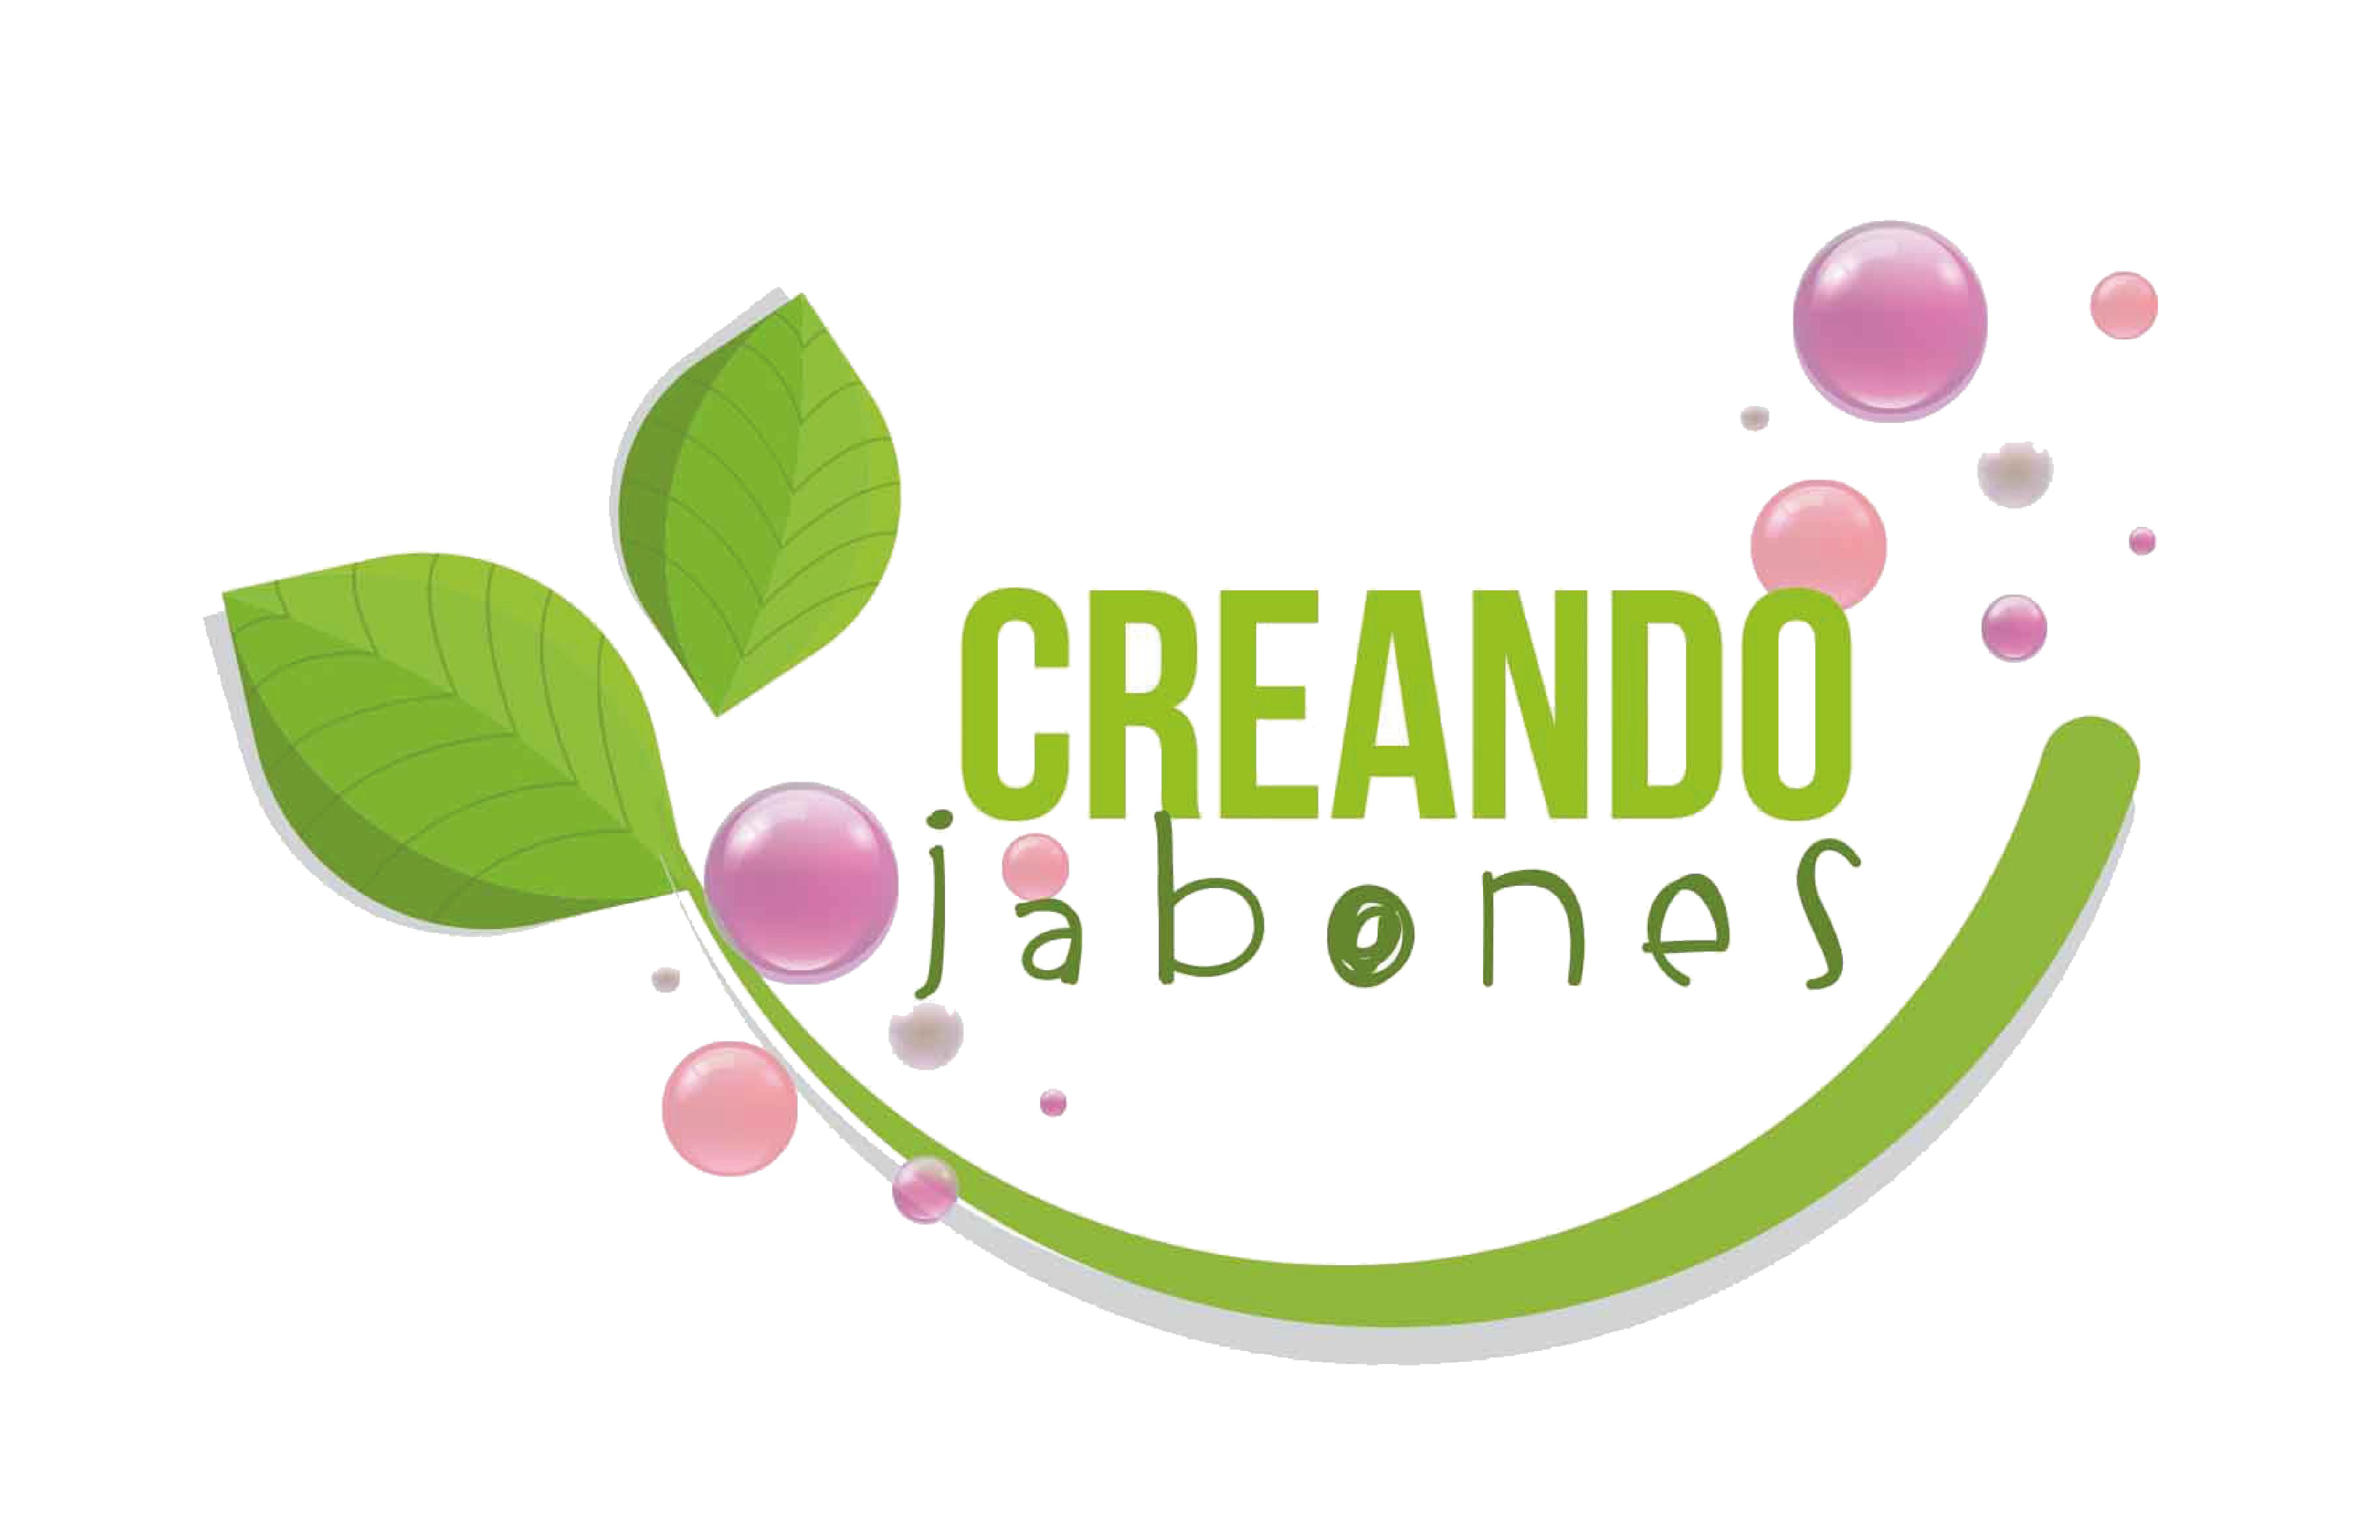 Creando Jabones